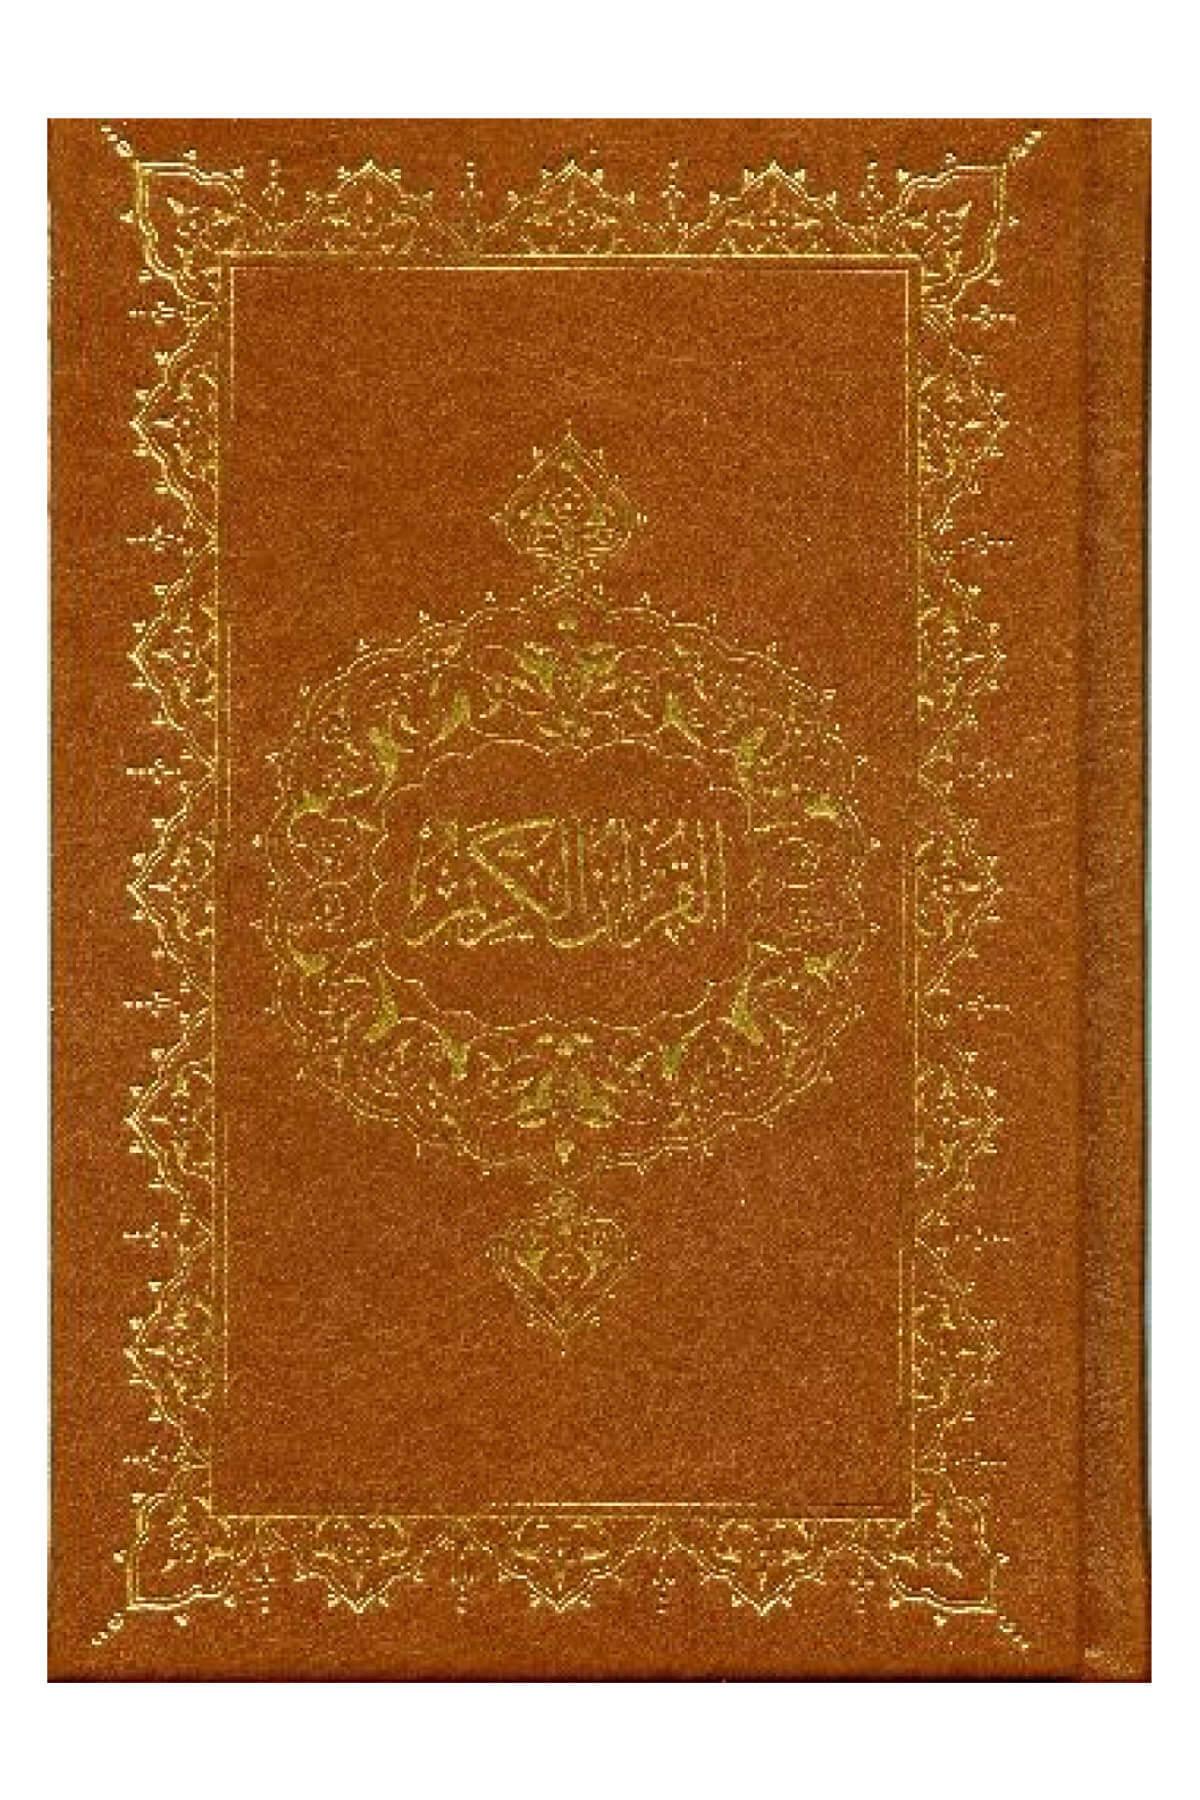 M.Ü. İLAHİYAT FAKÜLTESİ VAKFI YAYINLARI Kur'an-ı Kerim ( Hafız Boy ) - Kolektif 1